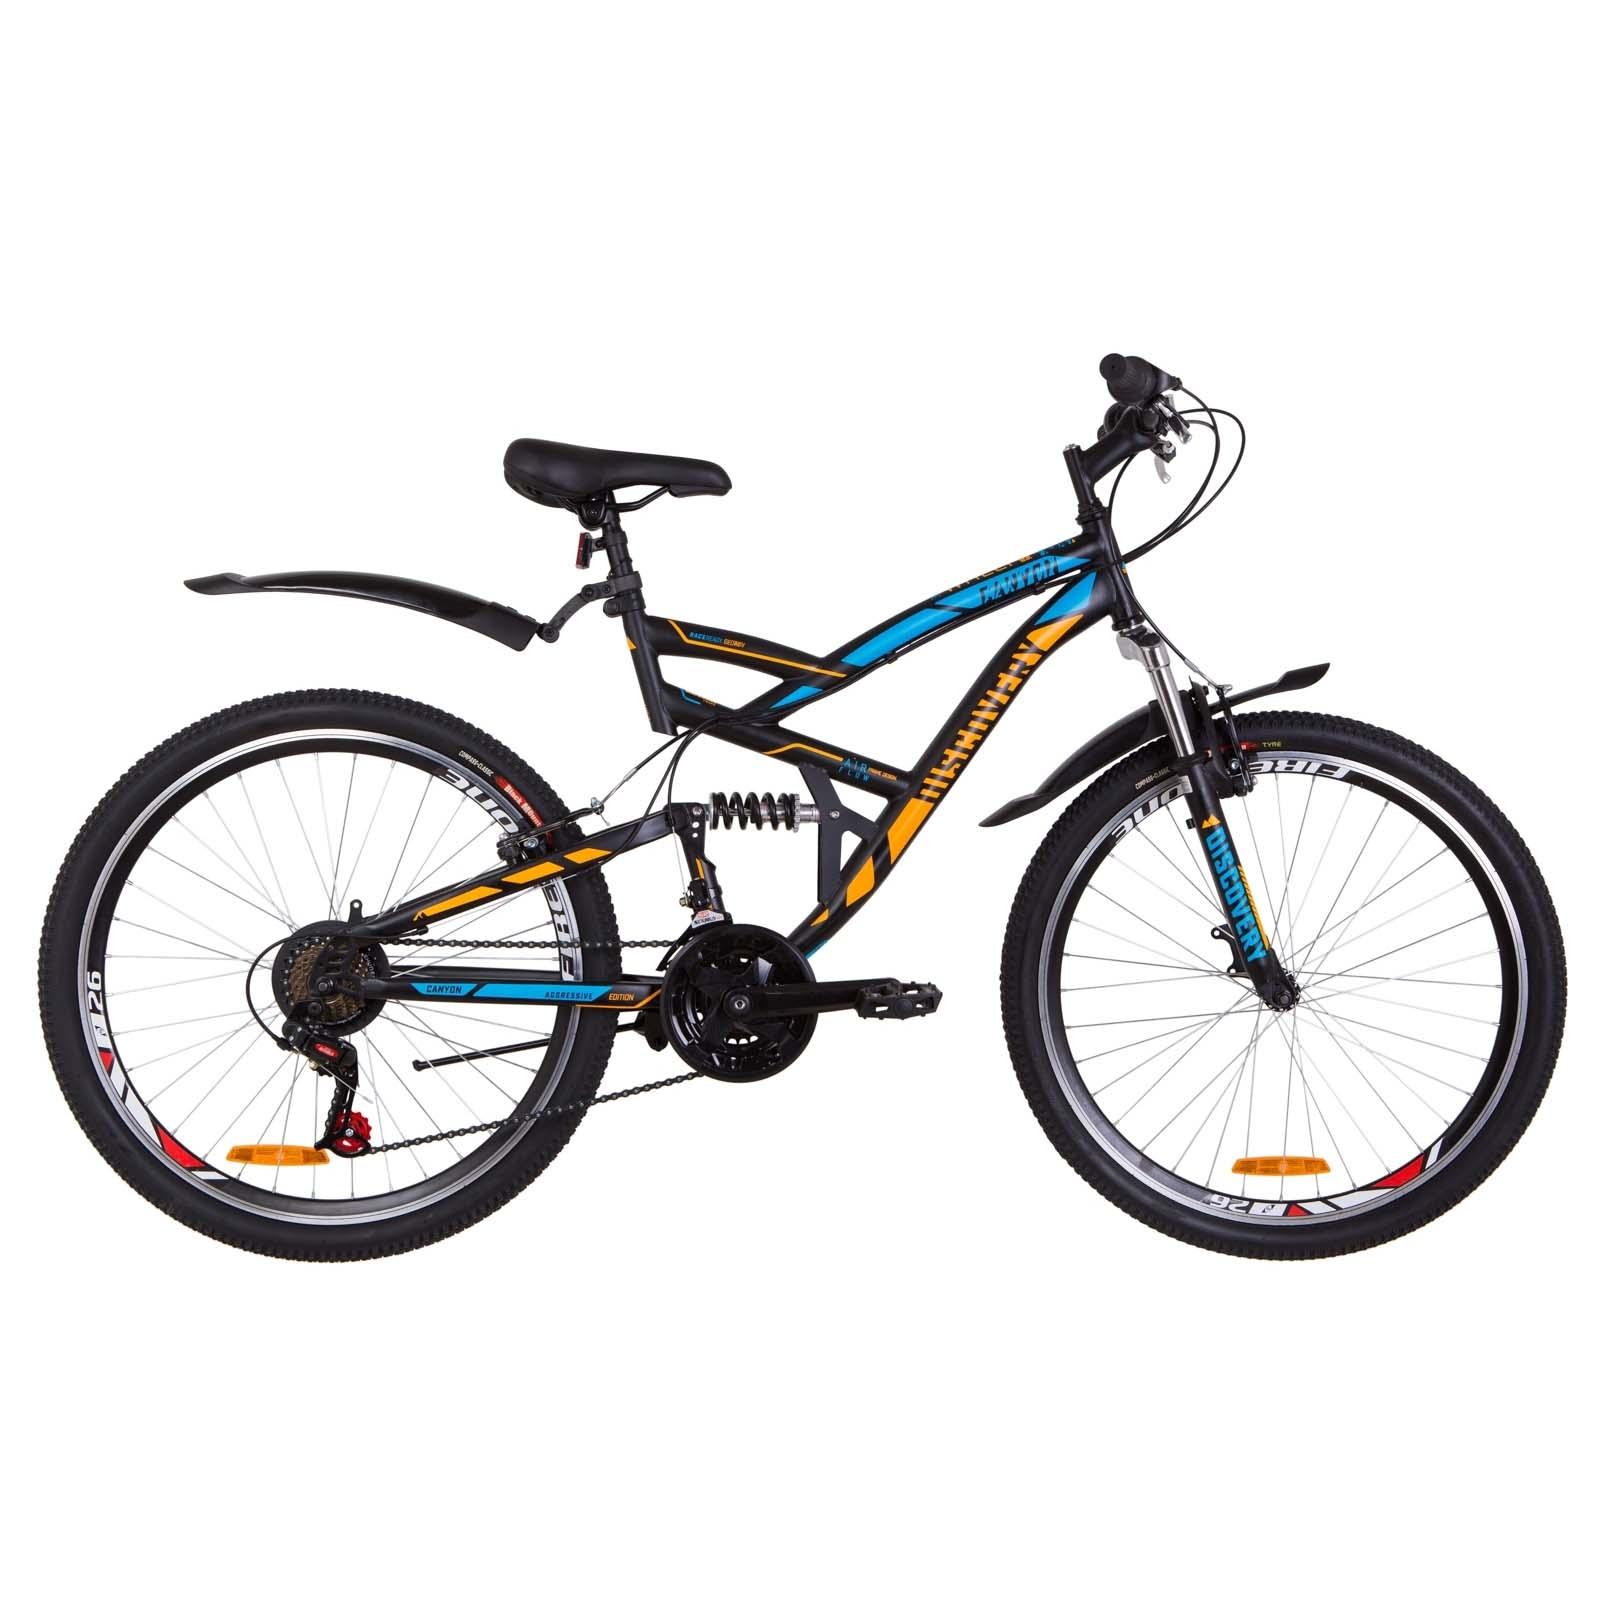 Фото Двухподвесный Велосипед 26  Discovery CANYON черно-синий с оранжевым 2019